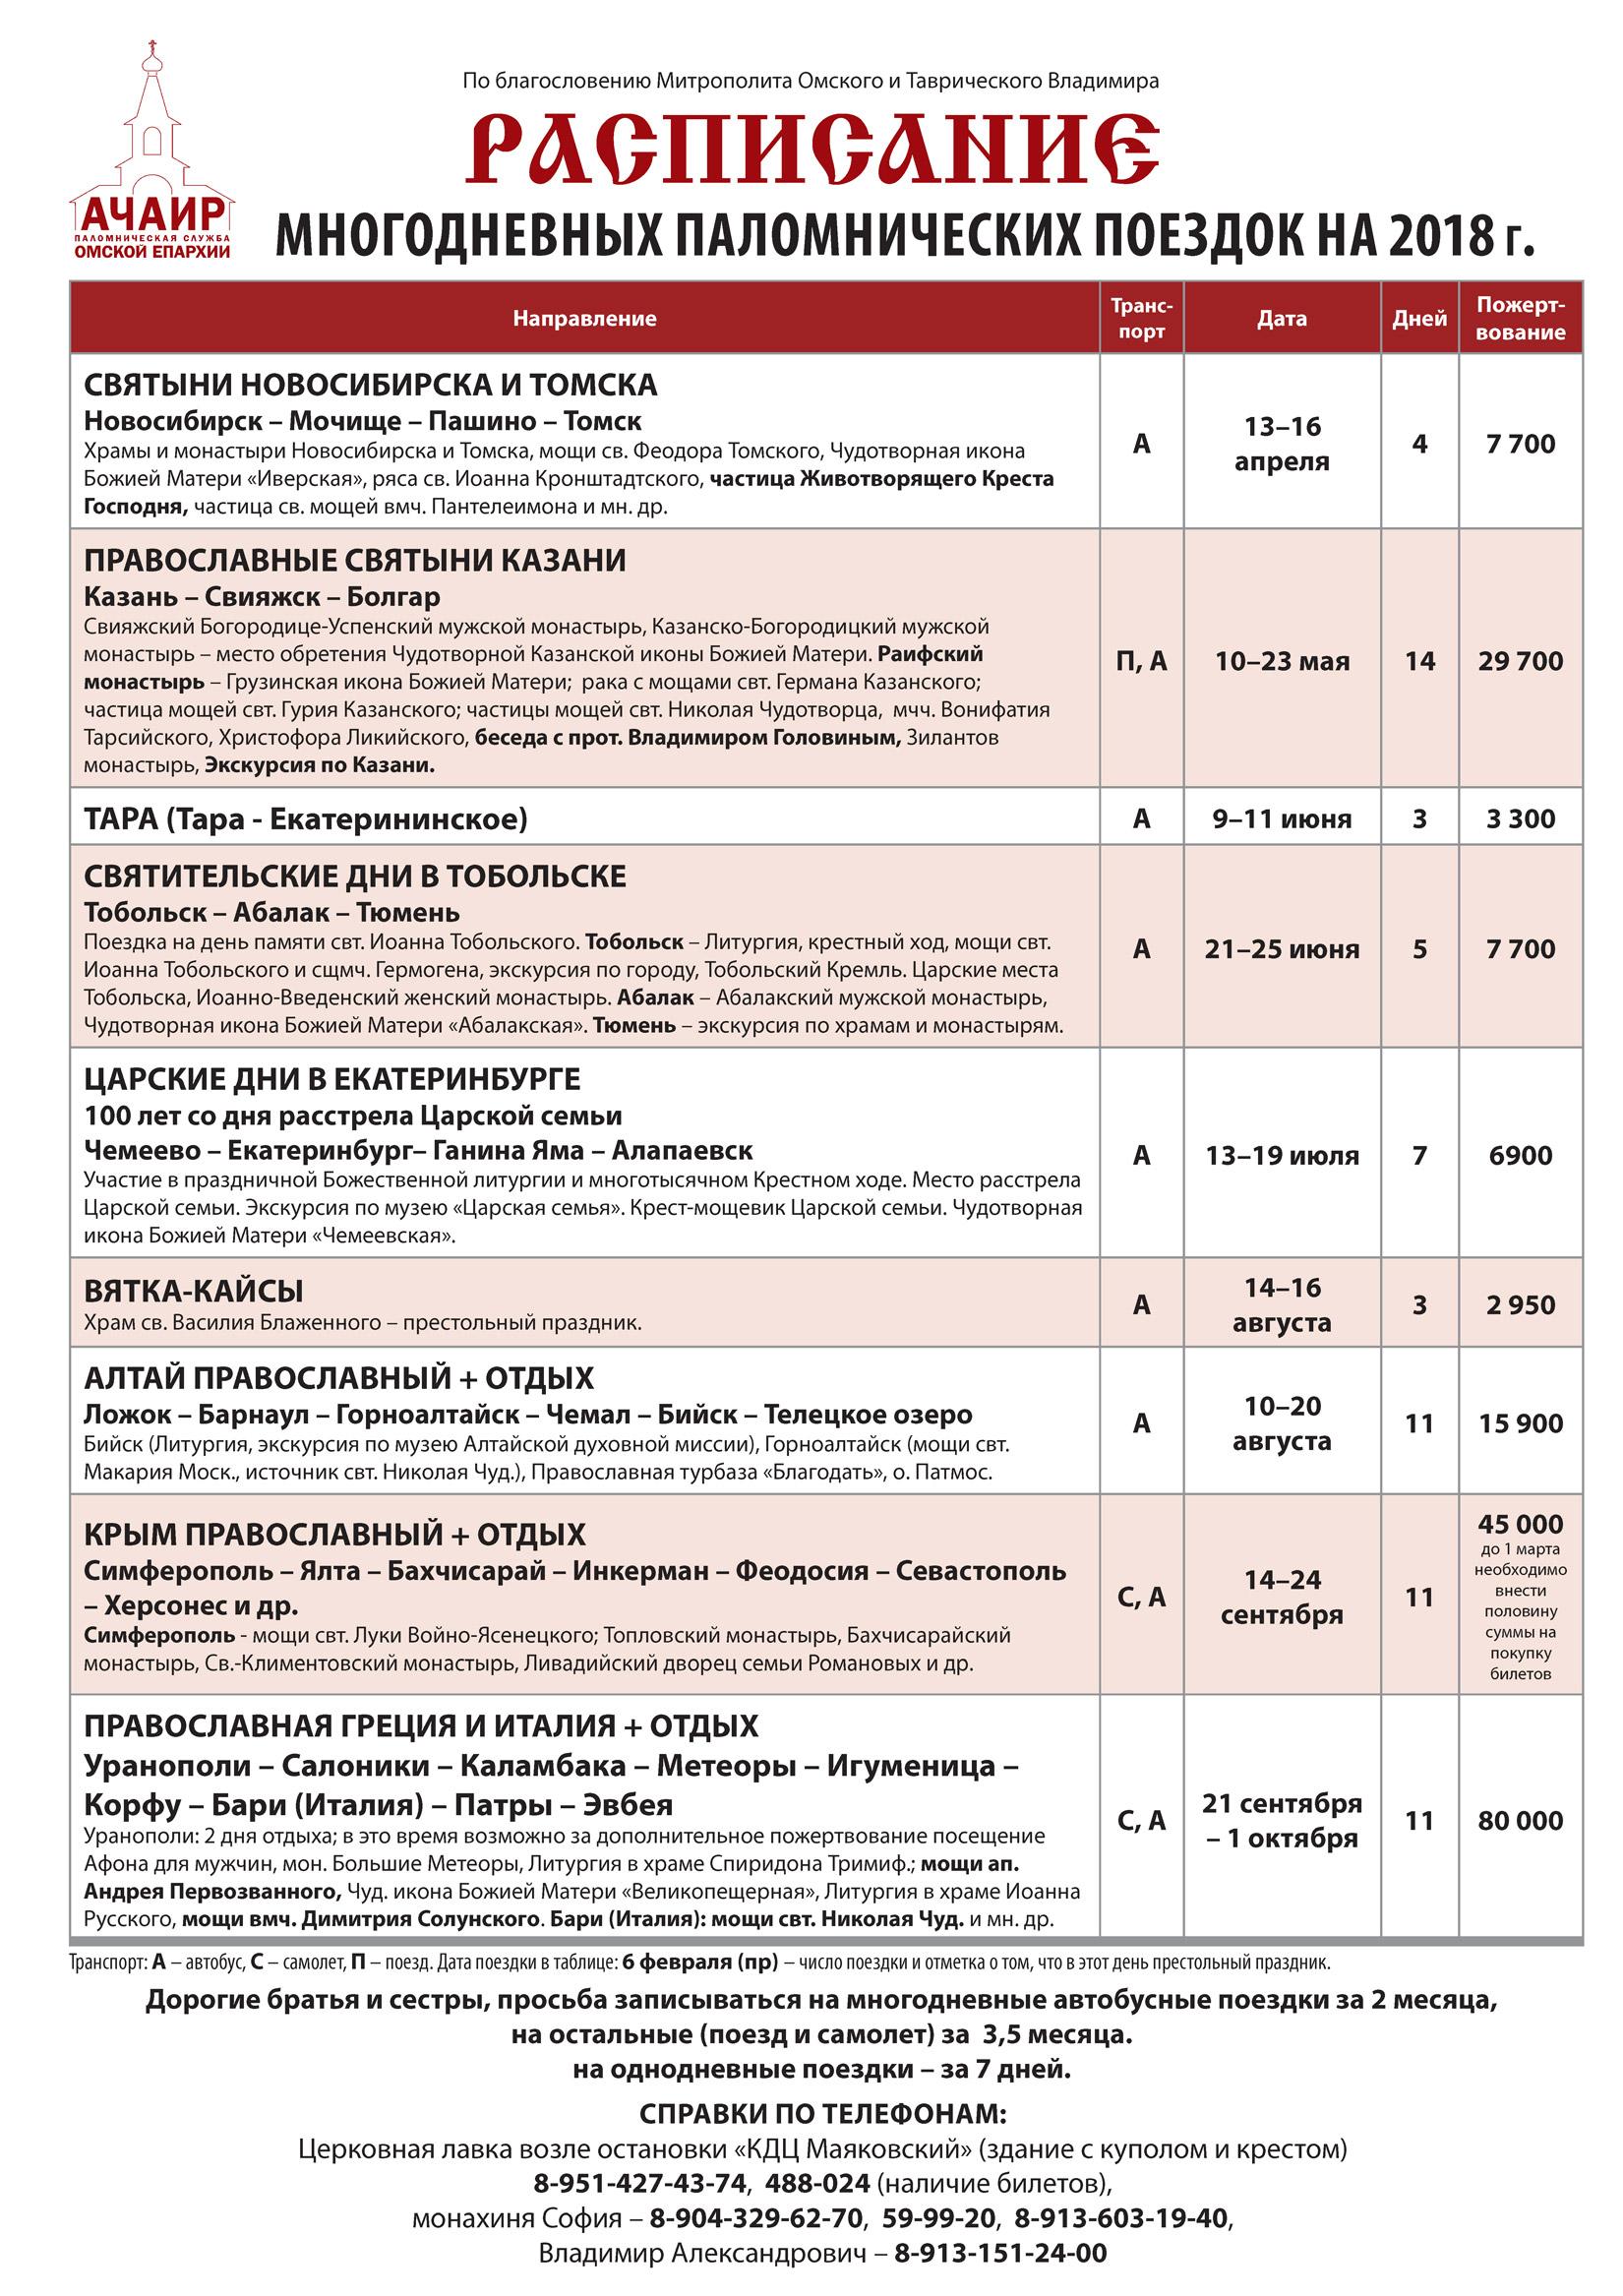 паломническое-расписание-2018-готовое-29.12w3